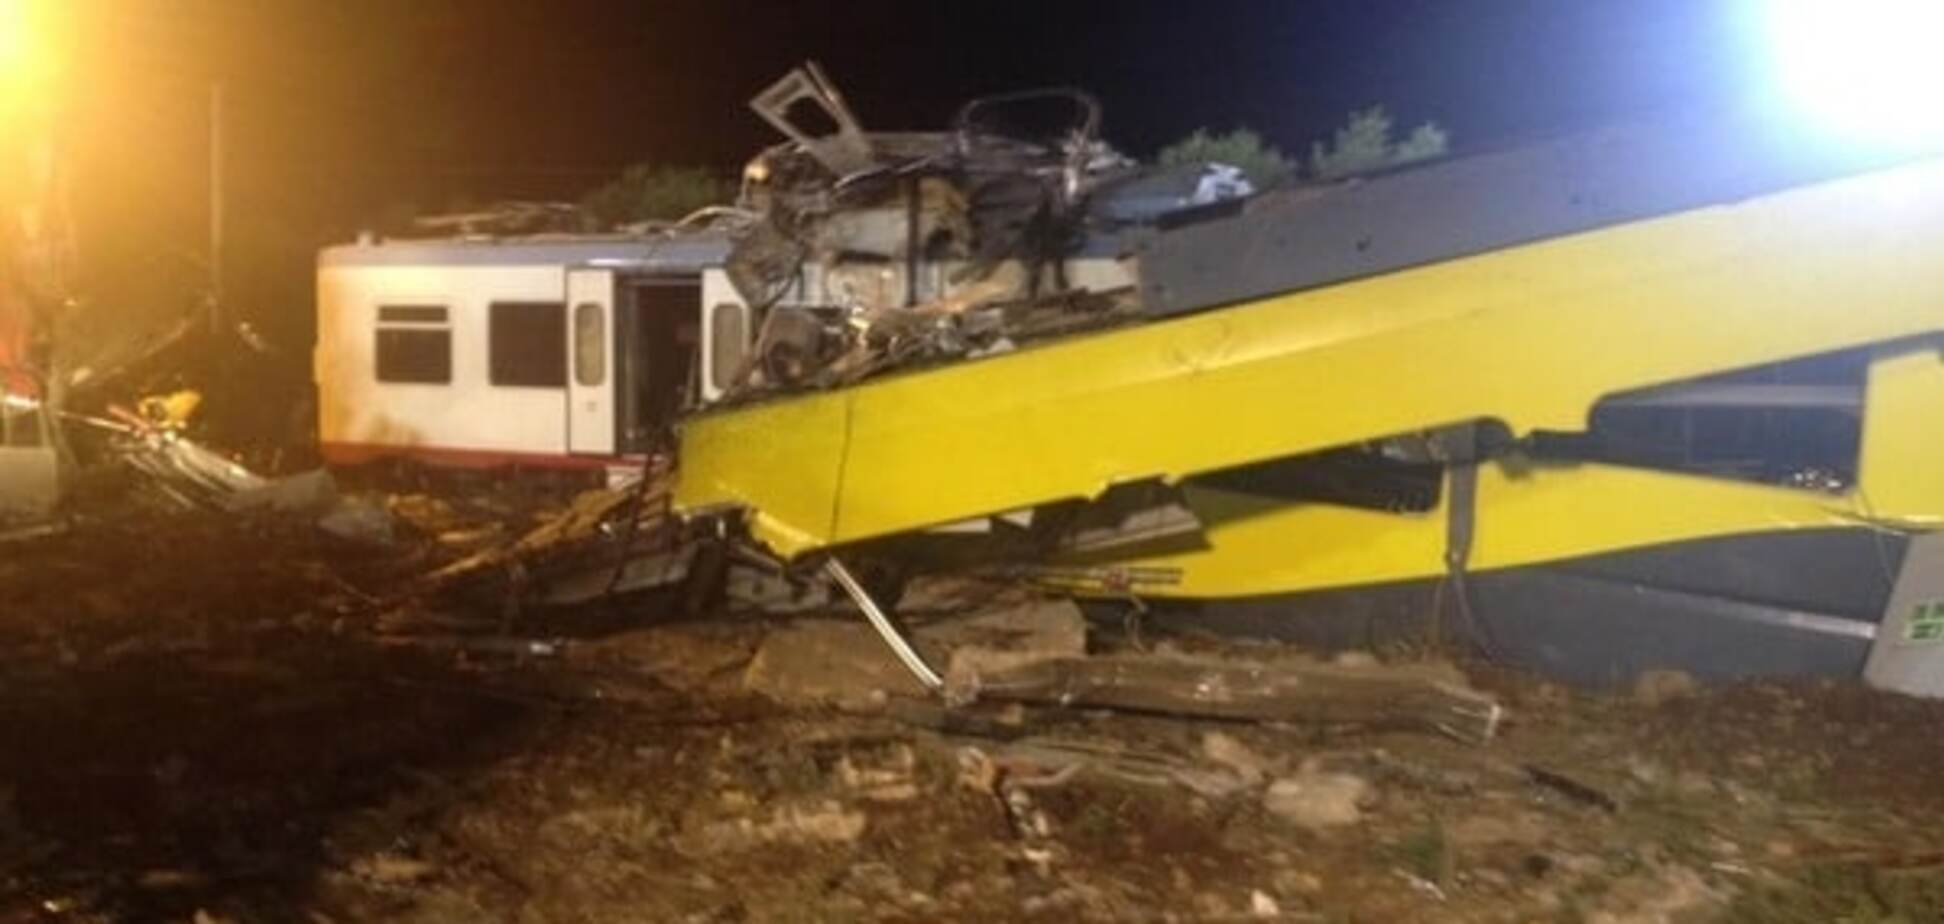 количество жертв столкновения поездов увеличилось до 27 человек